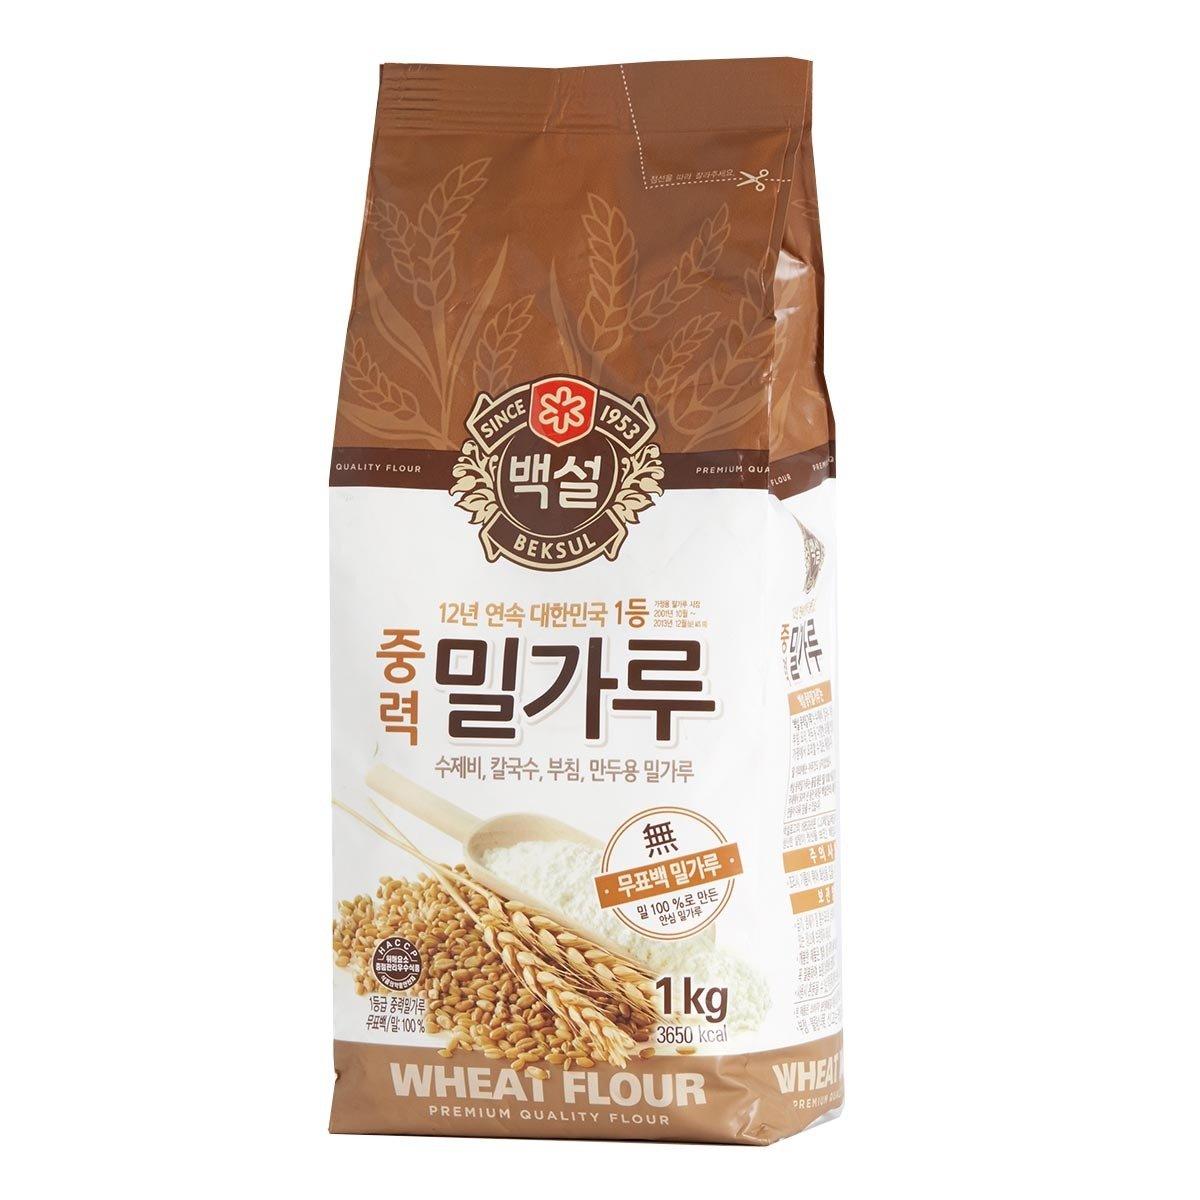 優質小麥粉末 - 中筋 (麵條及餃子麵粉)